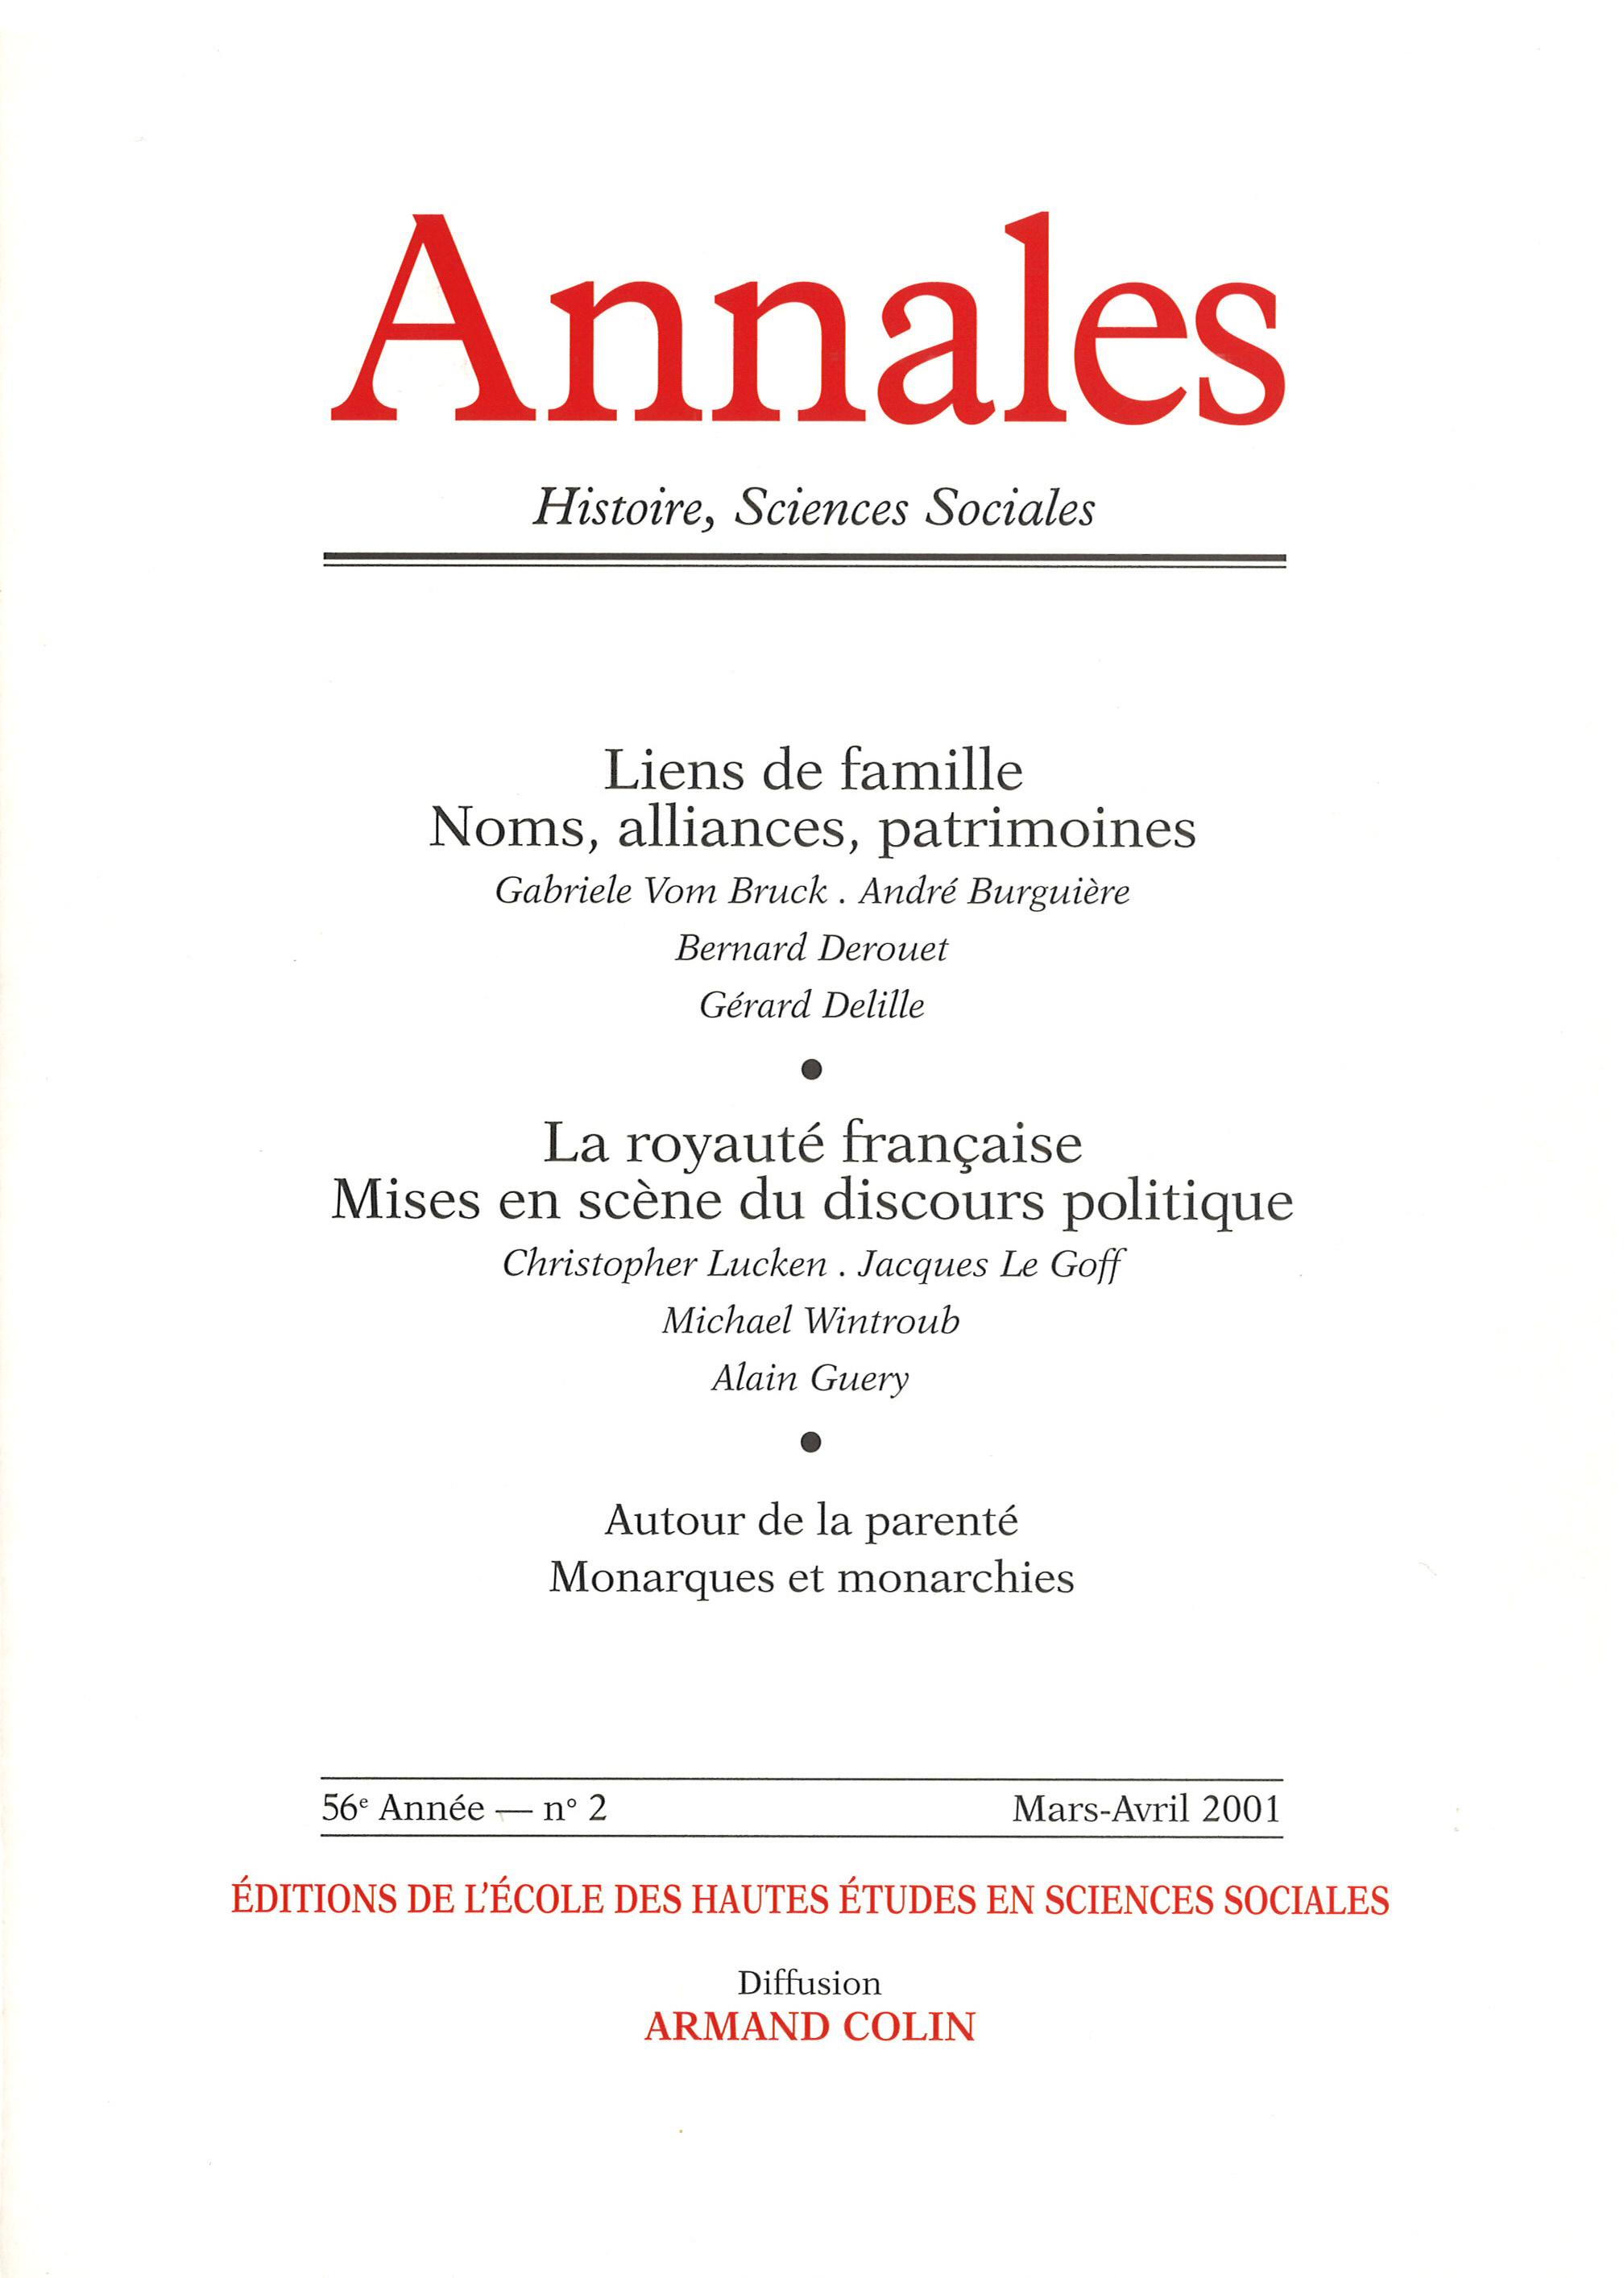 Comptes Rendus Autour De La Parenté Cairninfo